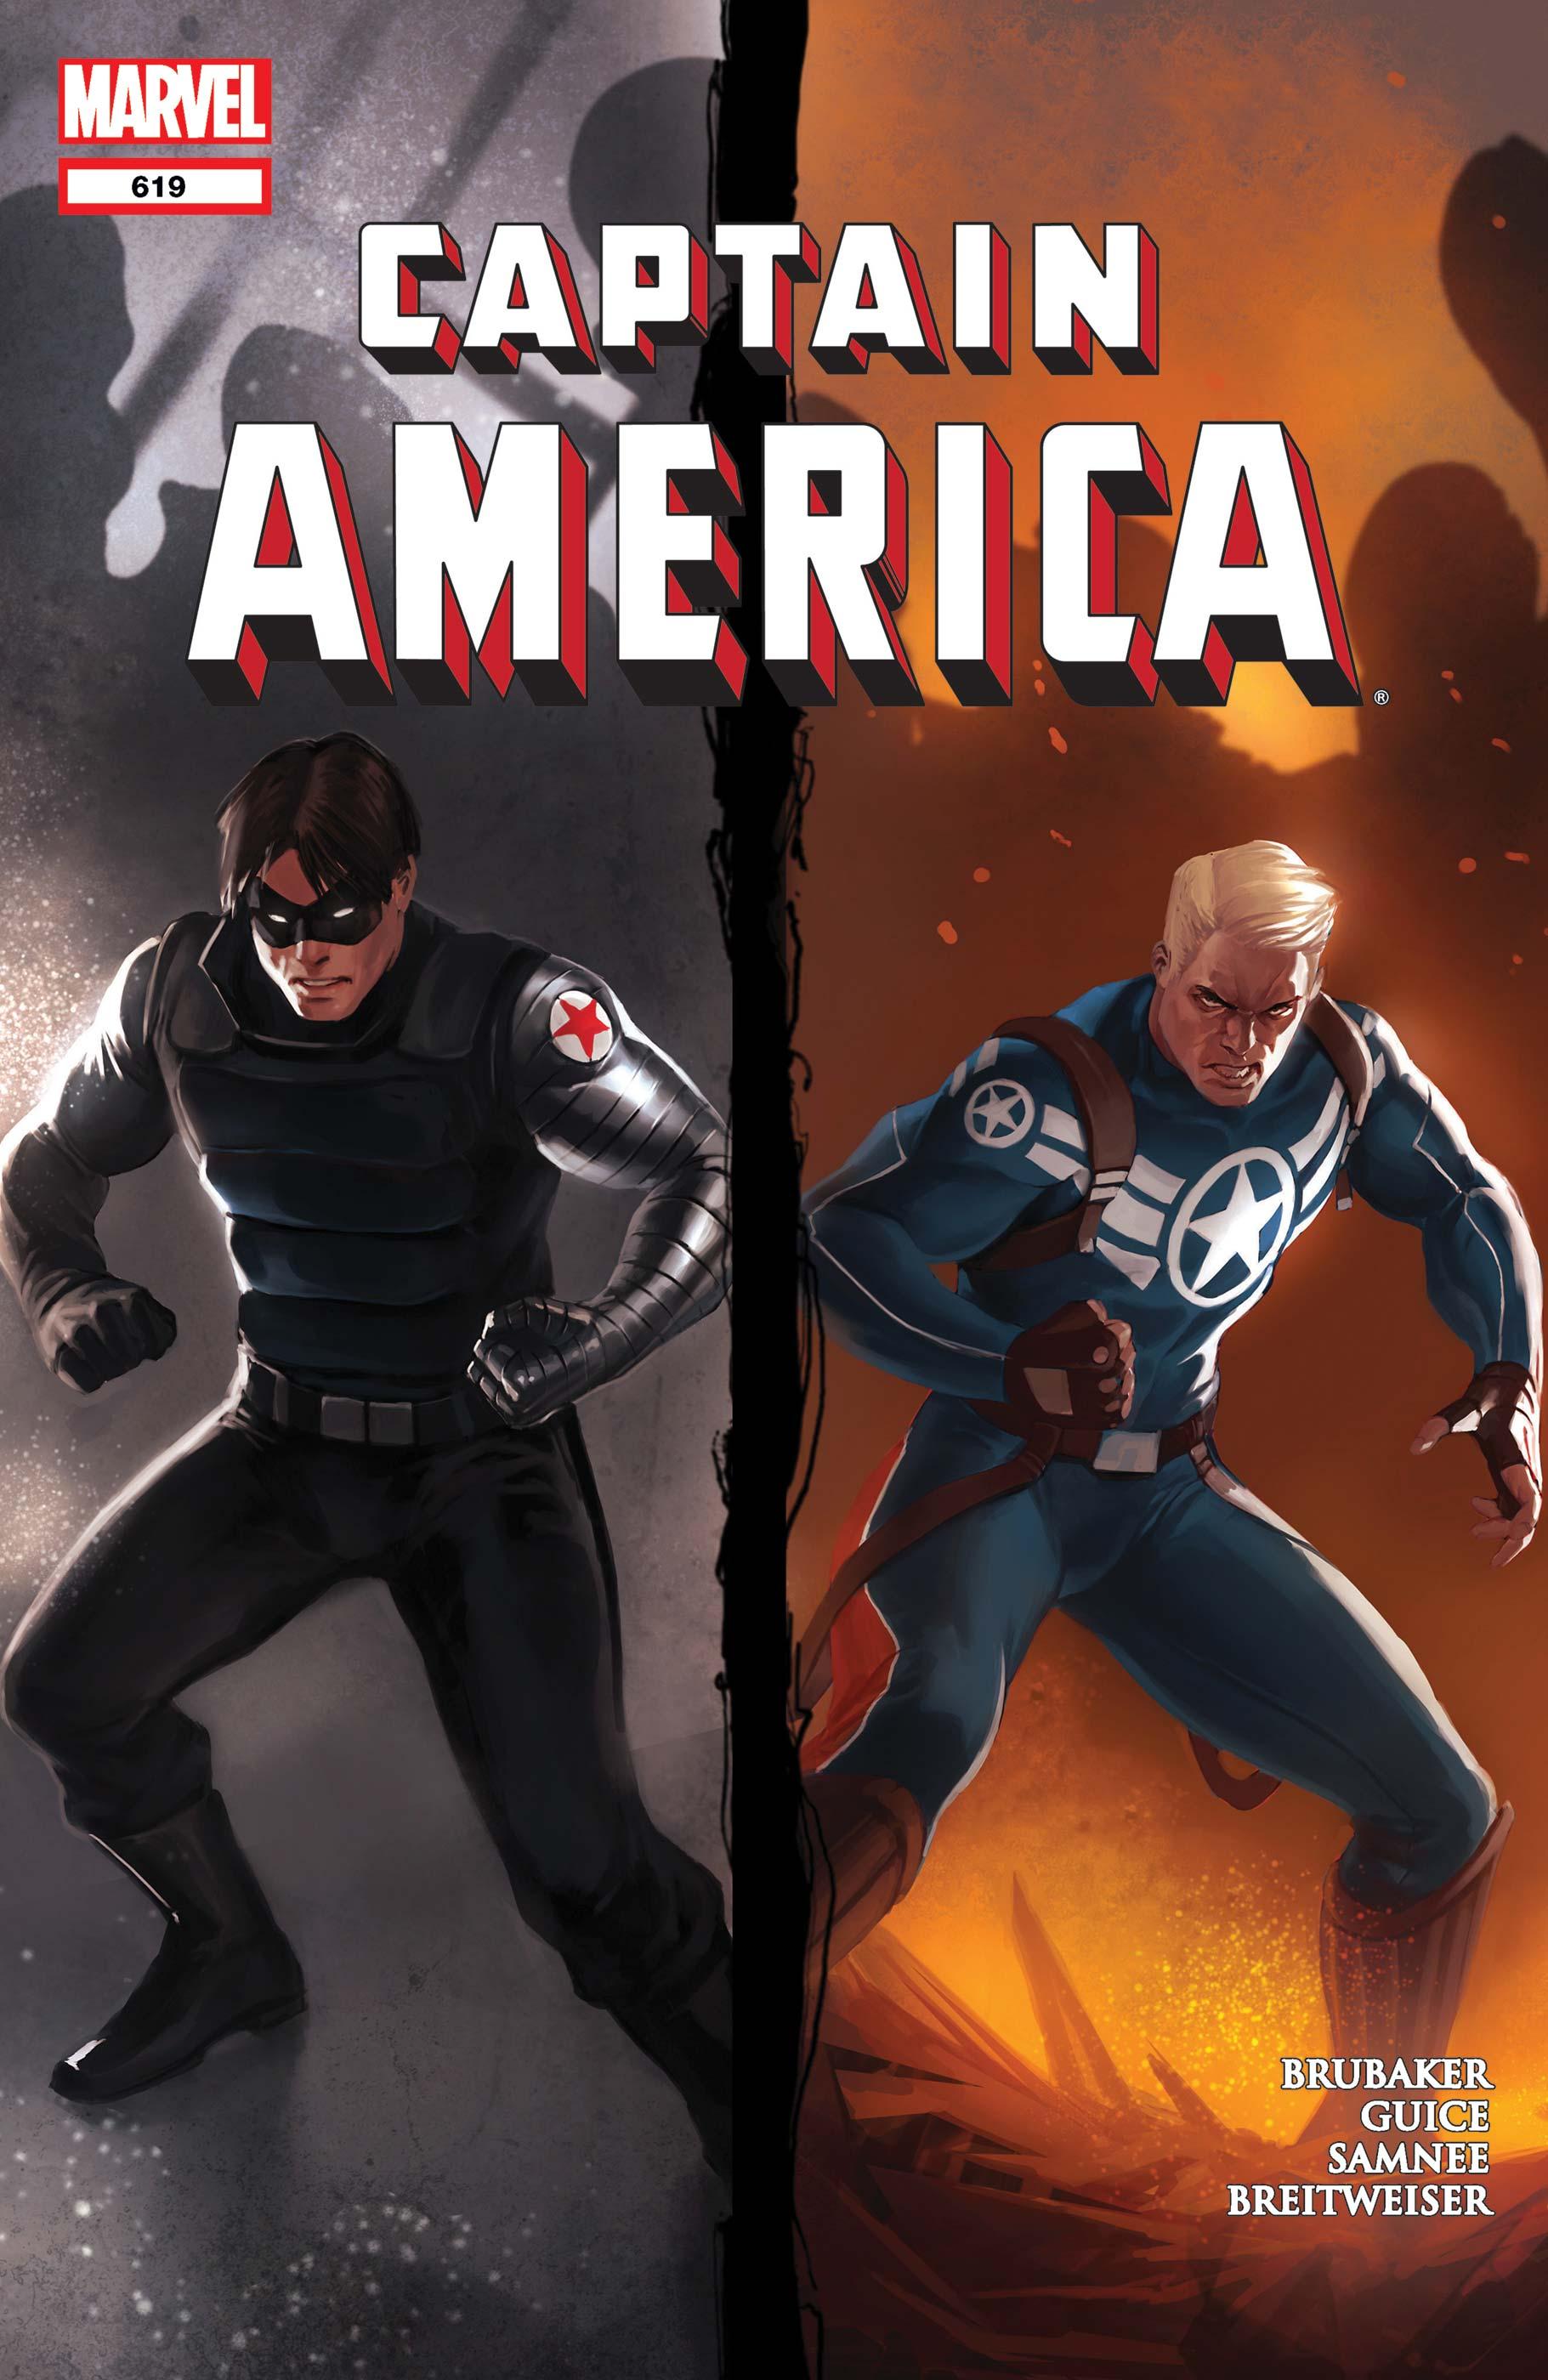 Captain America (2004) #619